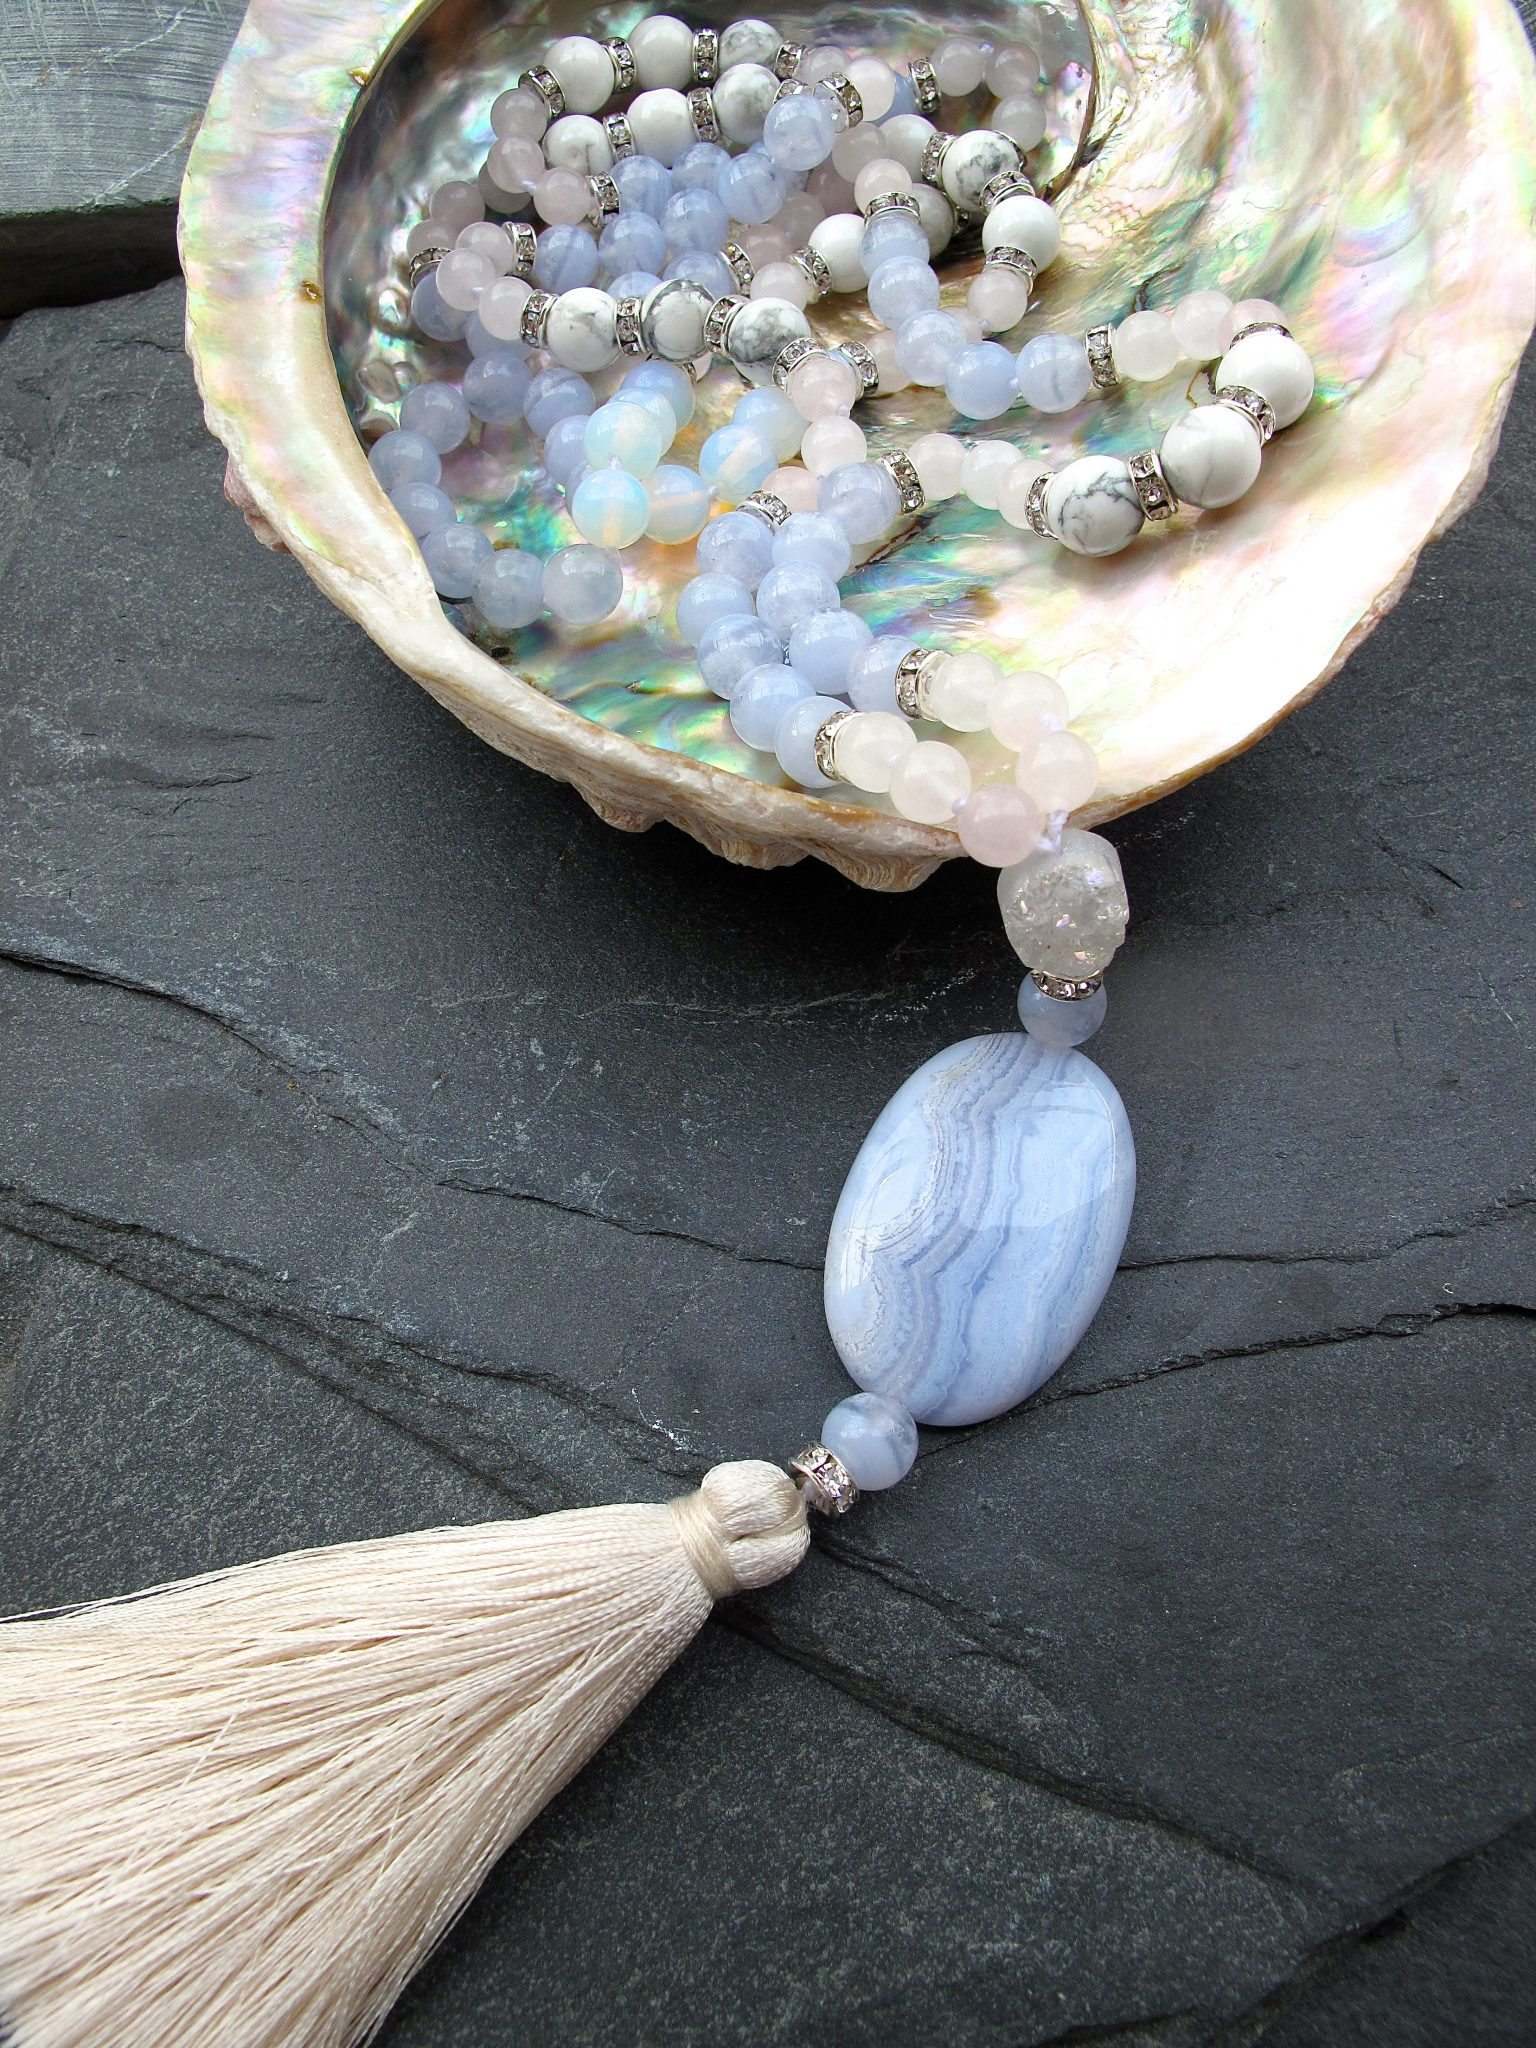 Blue lace agate mala necklace with semi precious stones